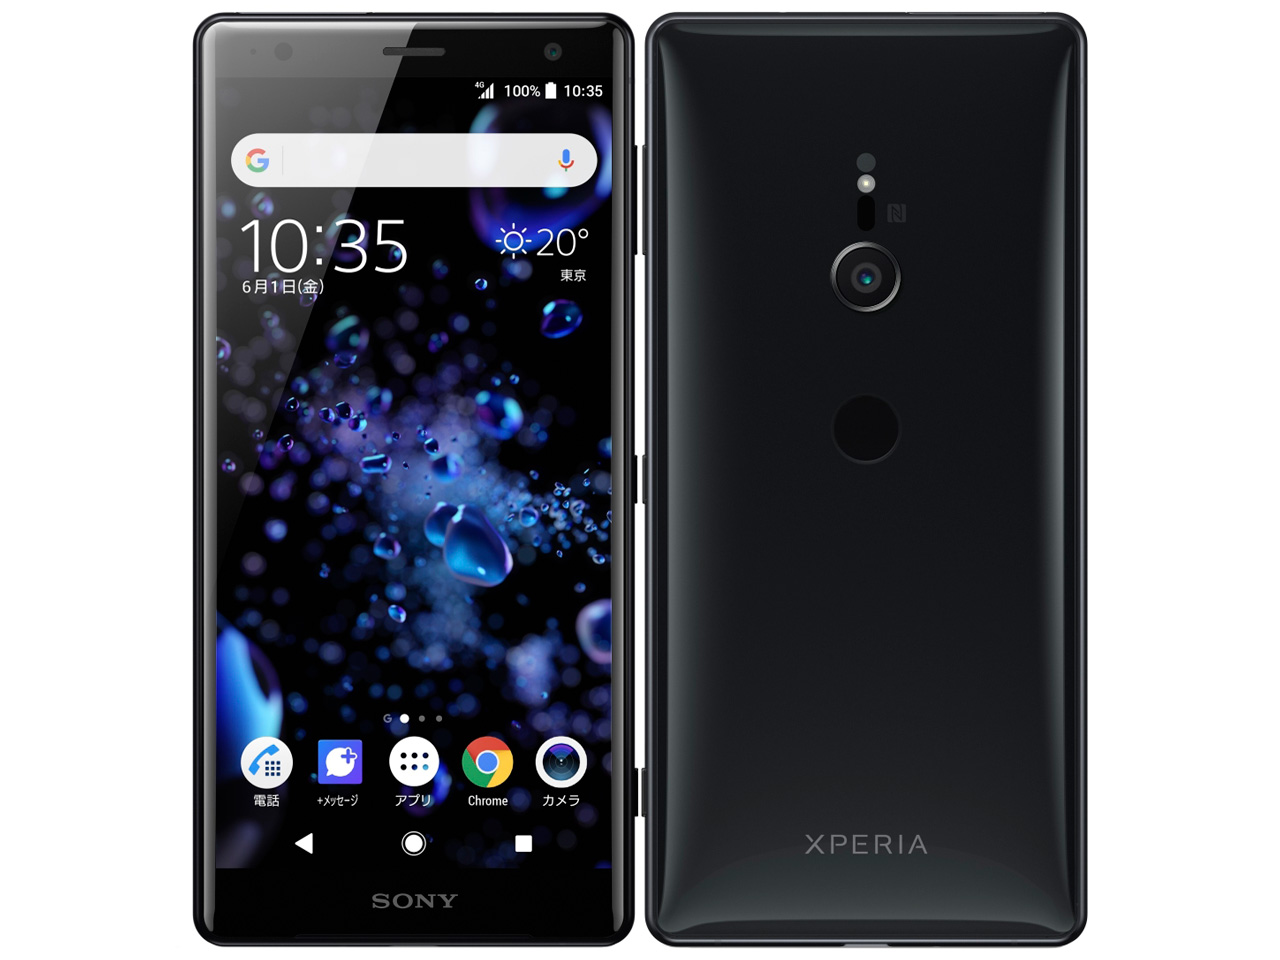 【新品・白ロム・本体】SIMロック解除済SoftBank Xperia XZ2 702SO リキッドブラック スマートフォン  携帯電話 XPERIA XZ2 702SO リキッドブラック 702SO 702so